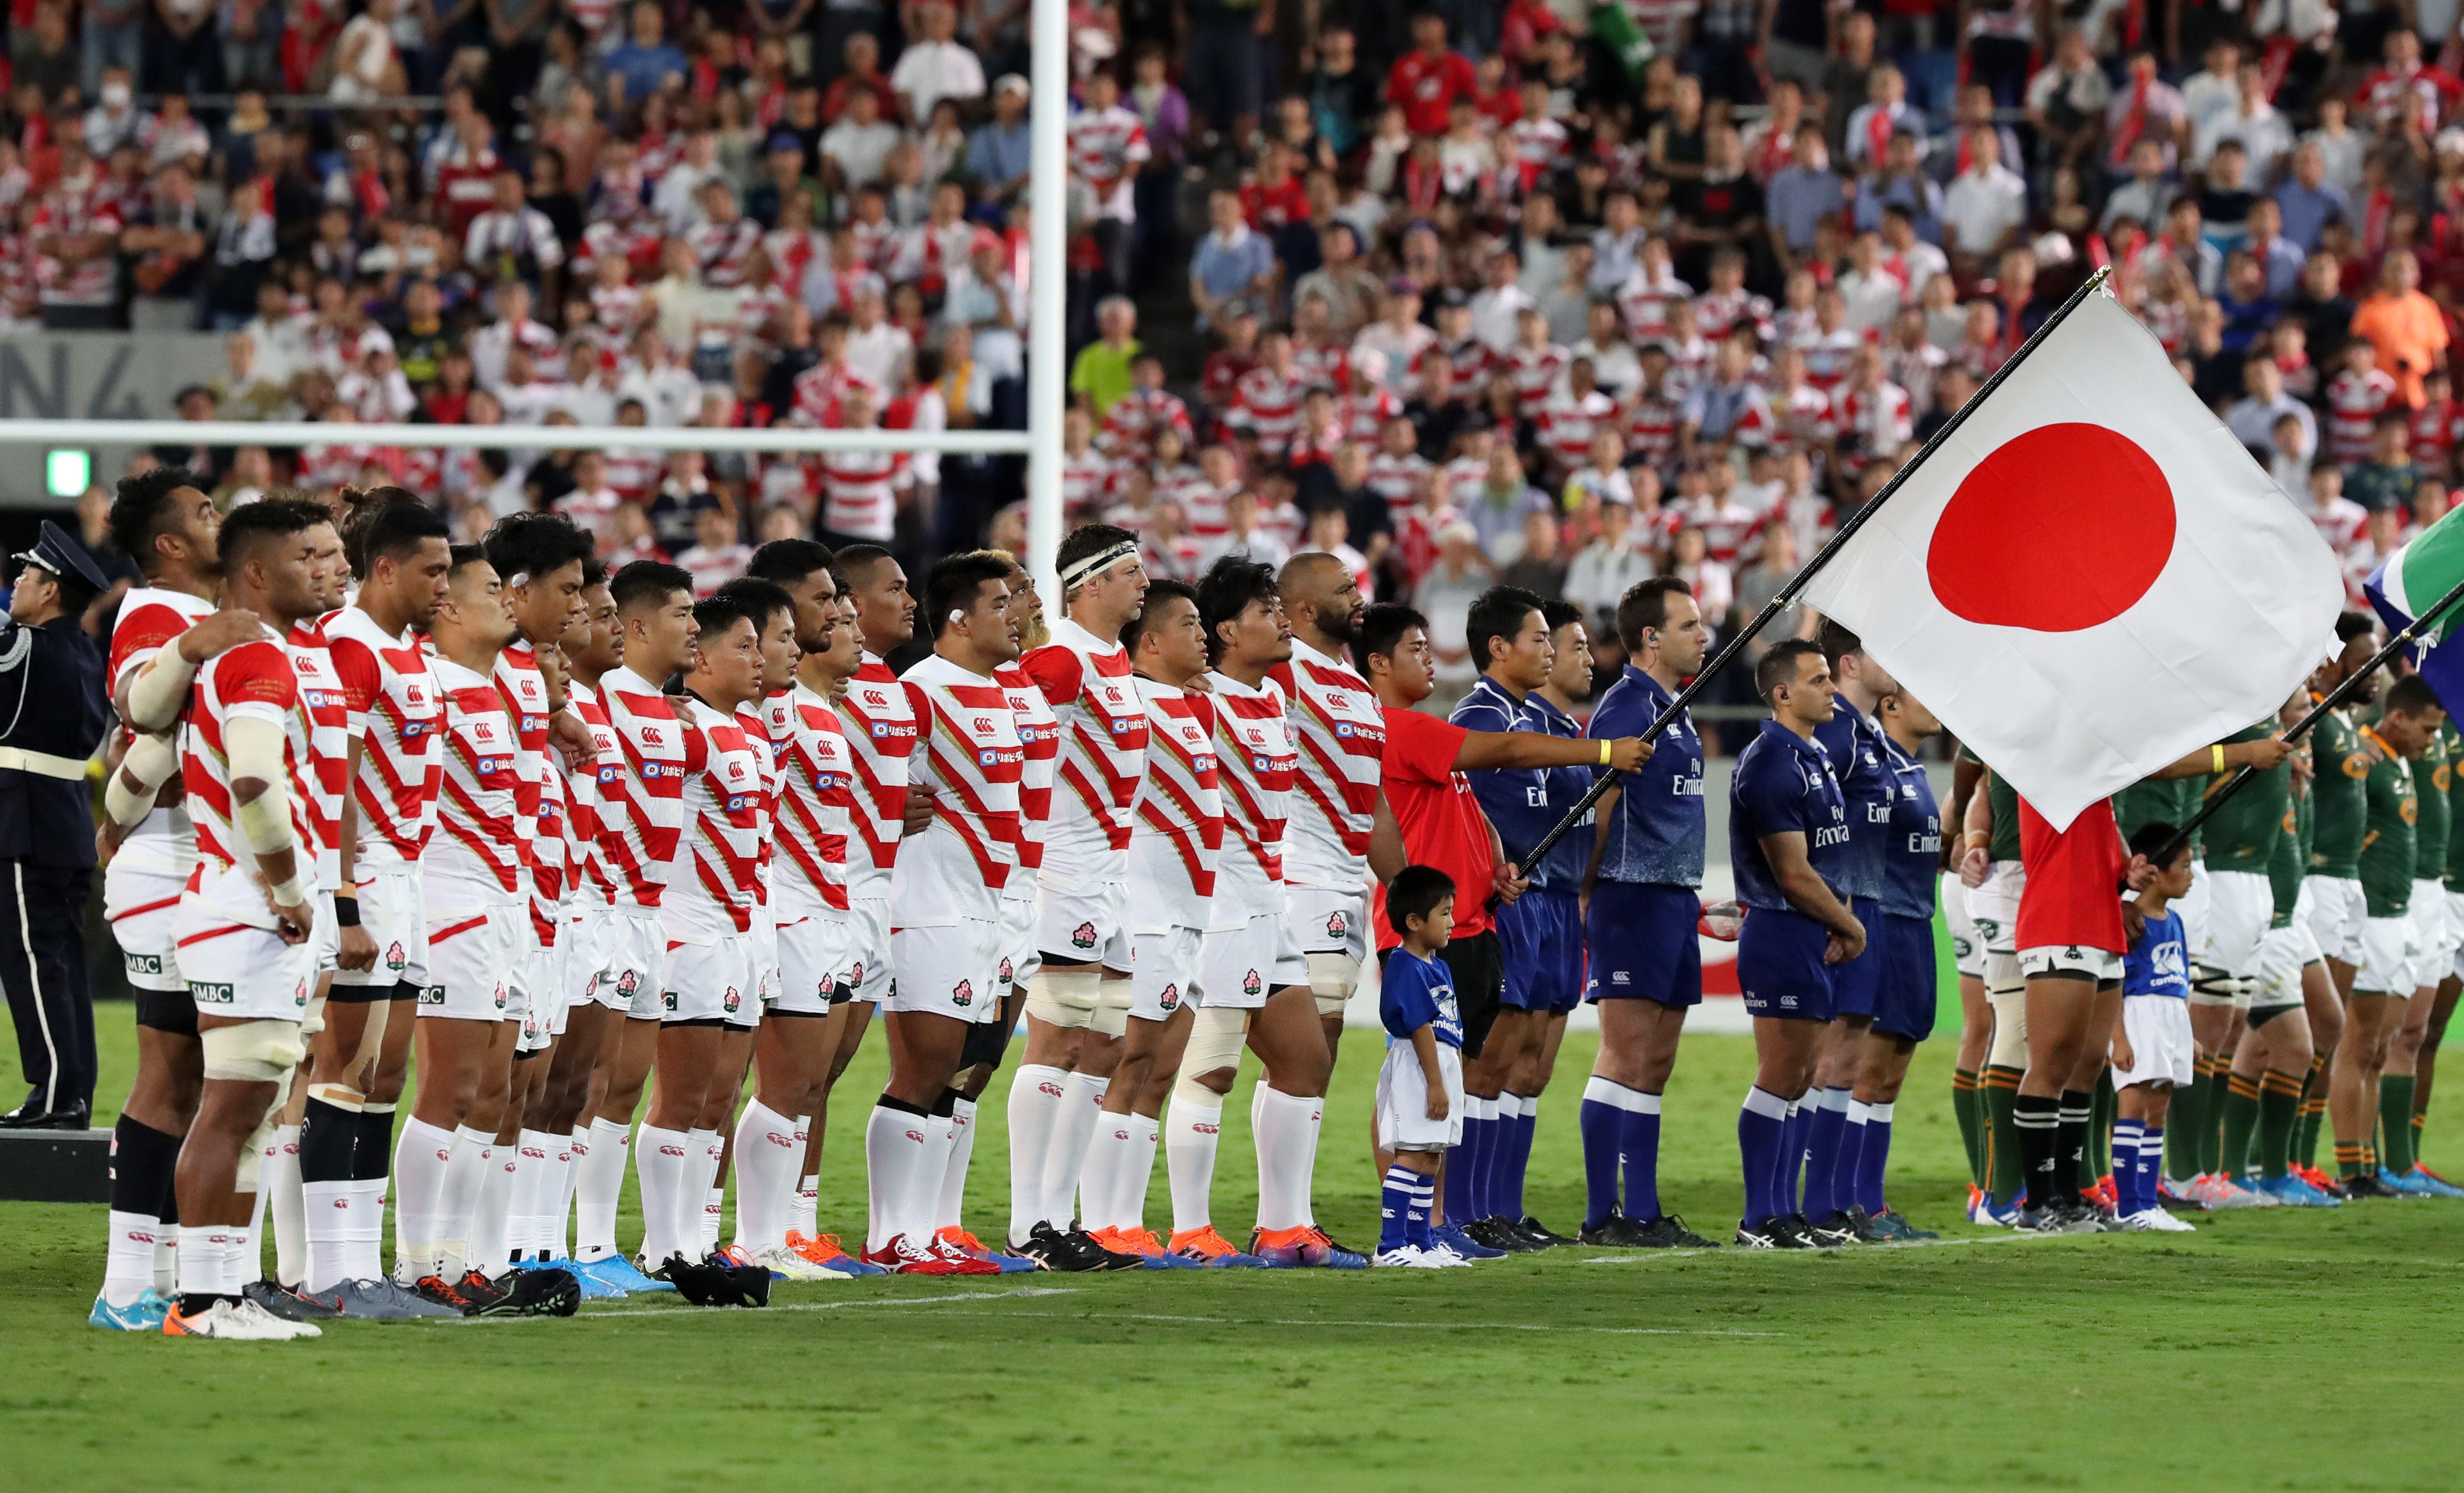 Rugby - Coupe du monde 2019 - Coupe du monde 2019 : Au Japon, une longue tradition de rugby